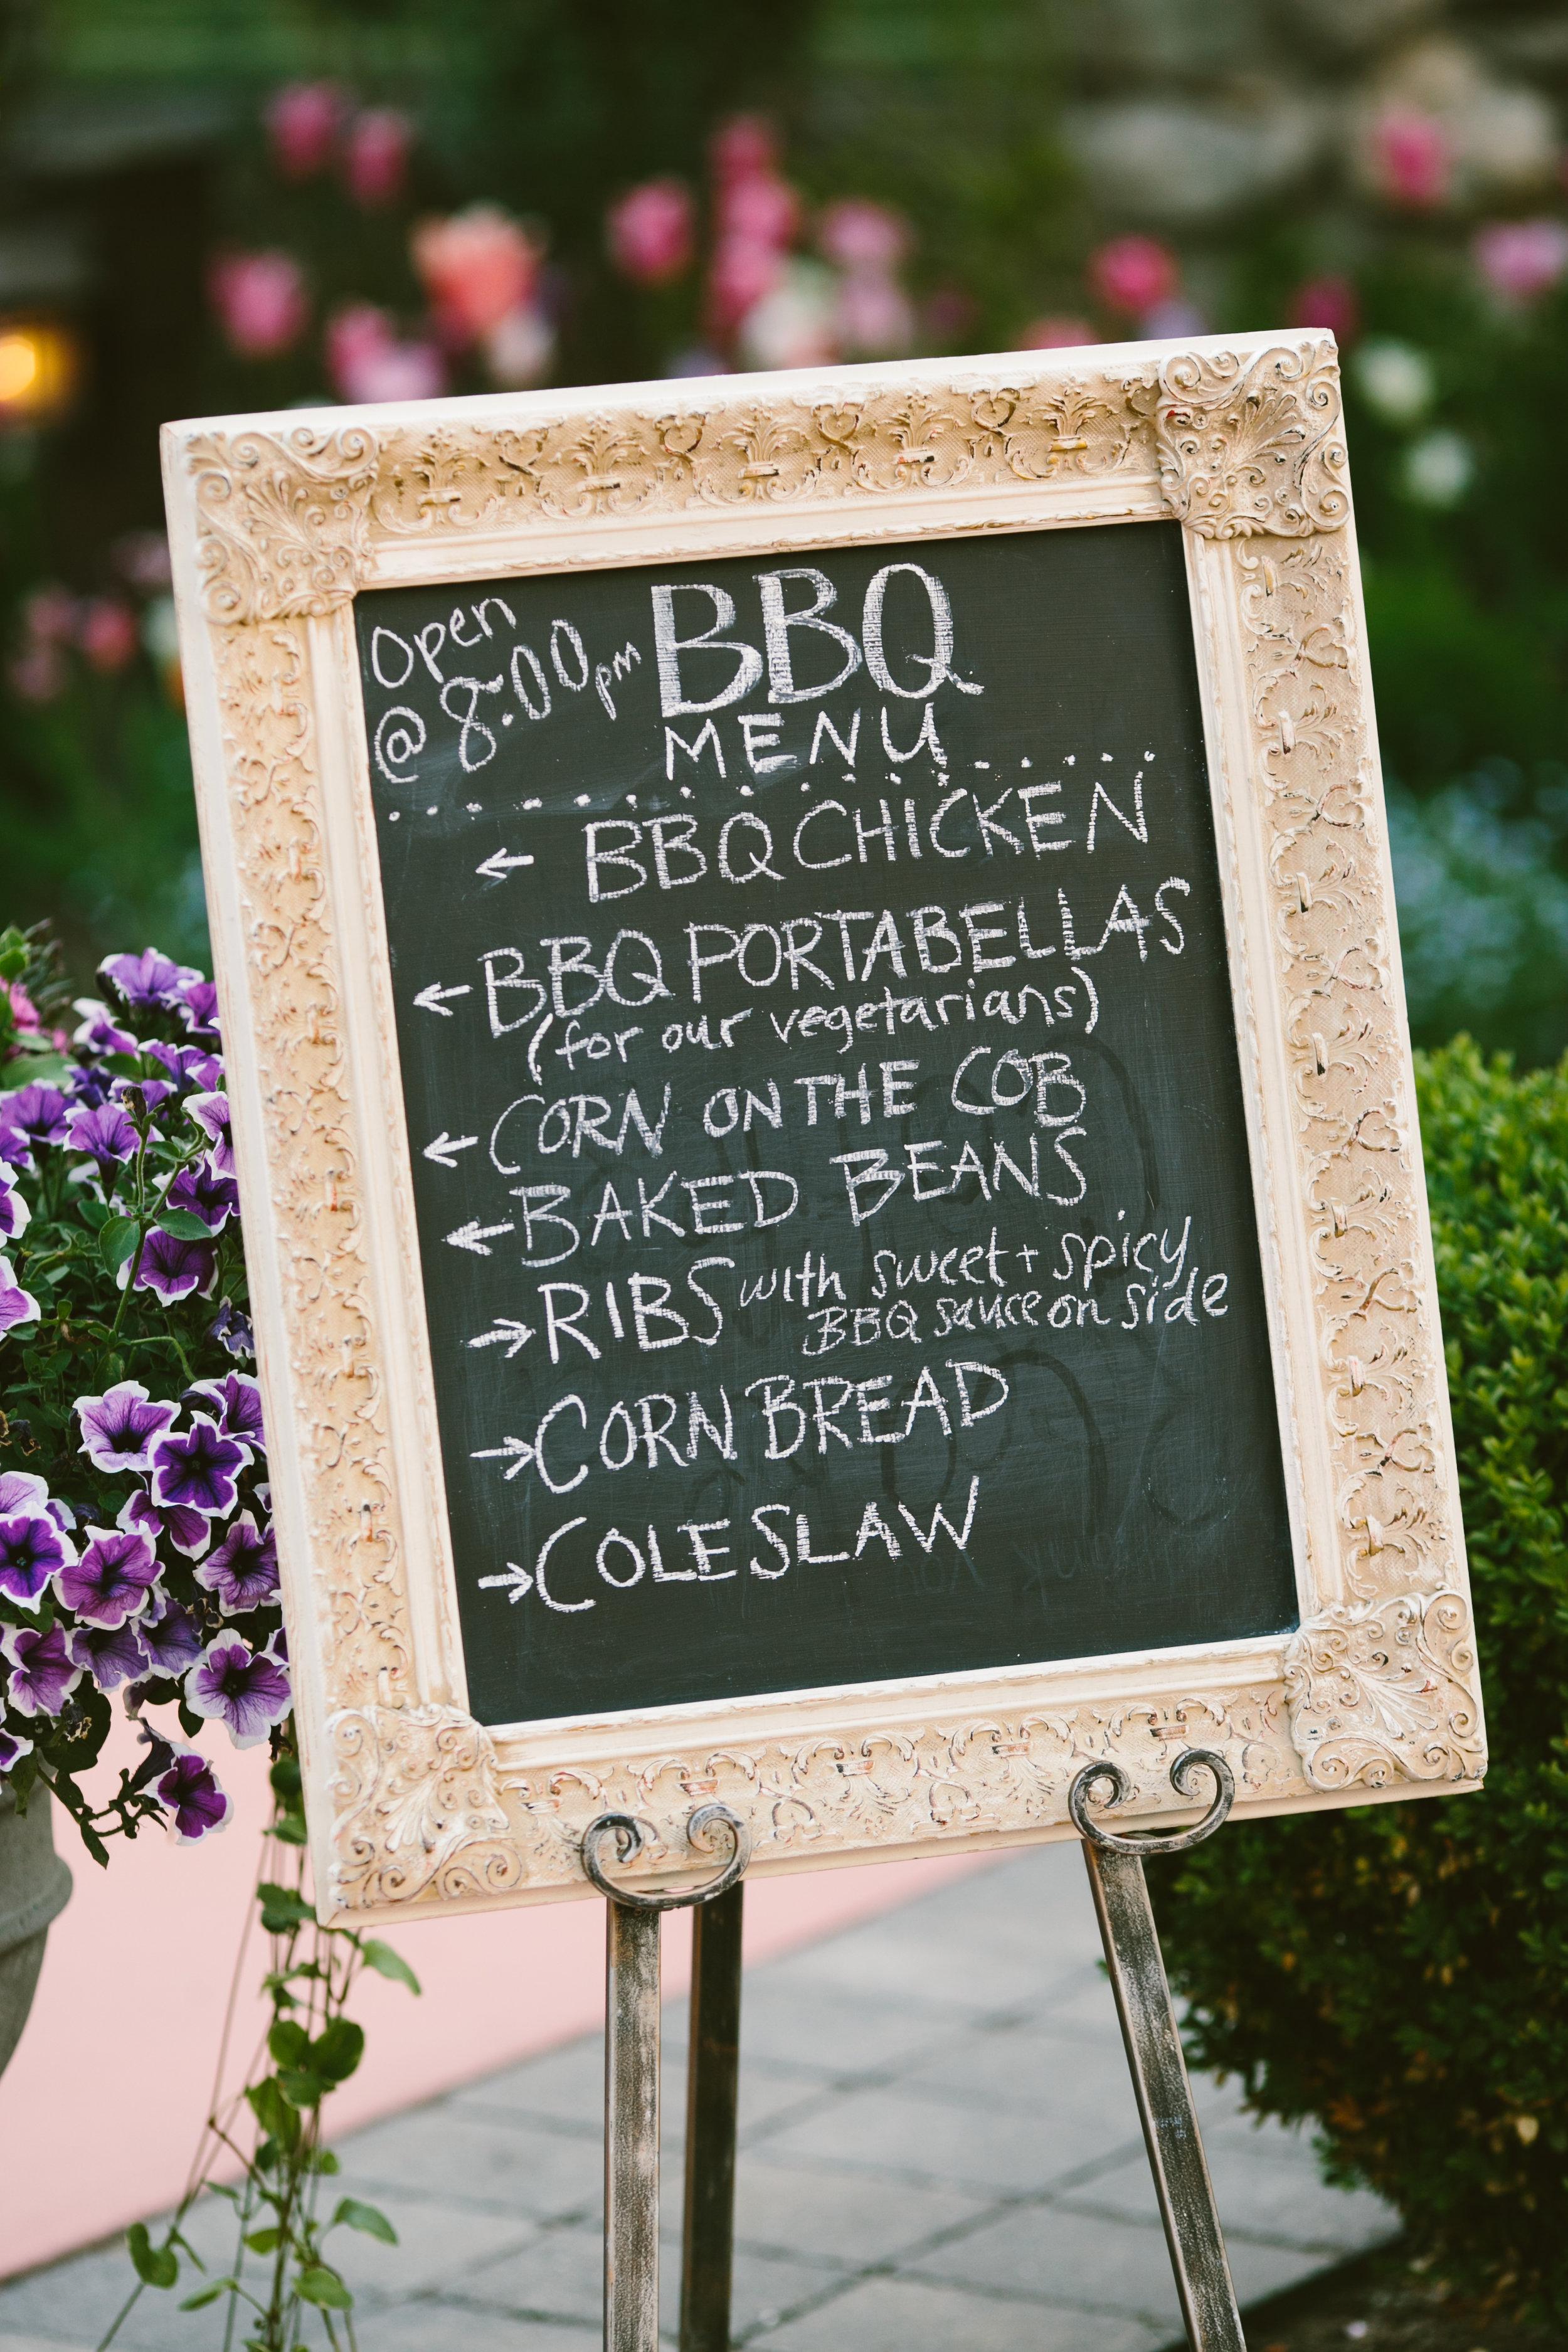 chalkboard-menu-wedding-event-bbq.jpg